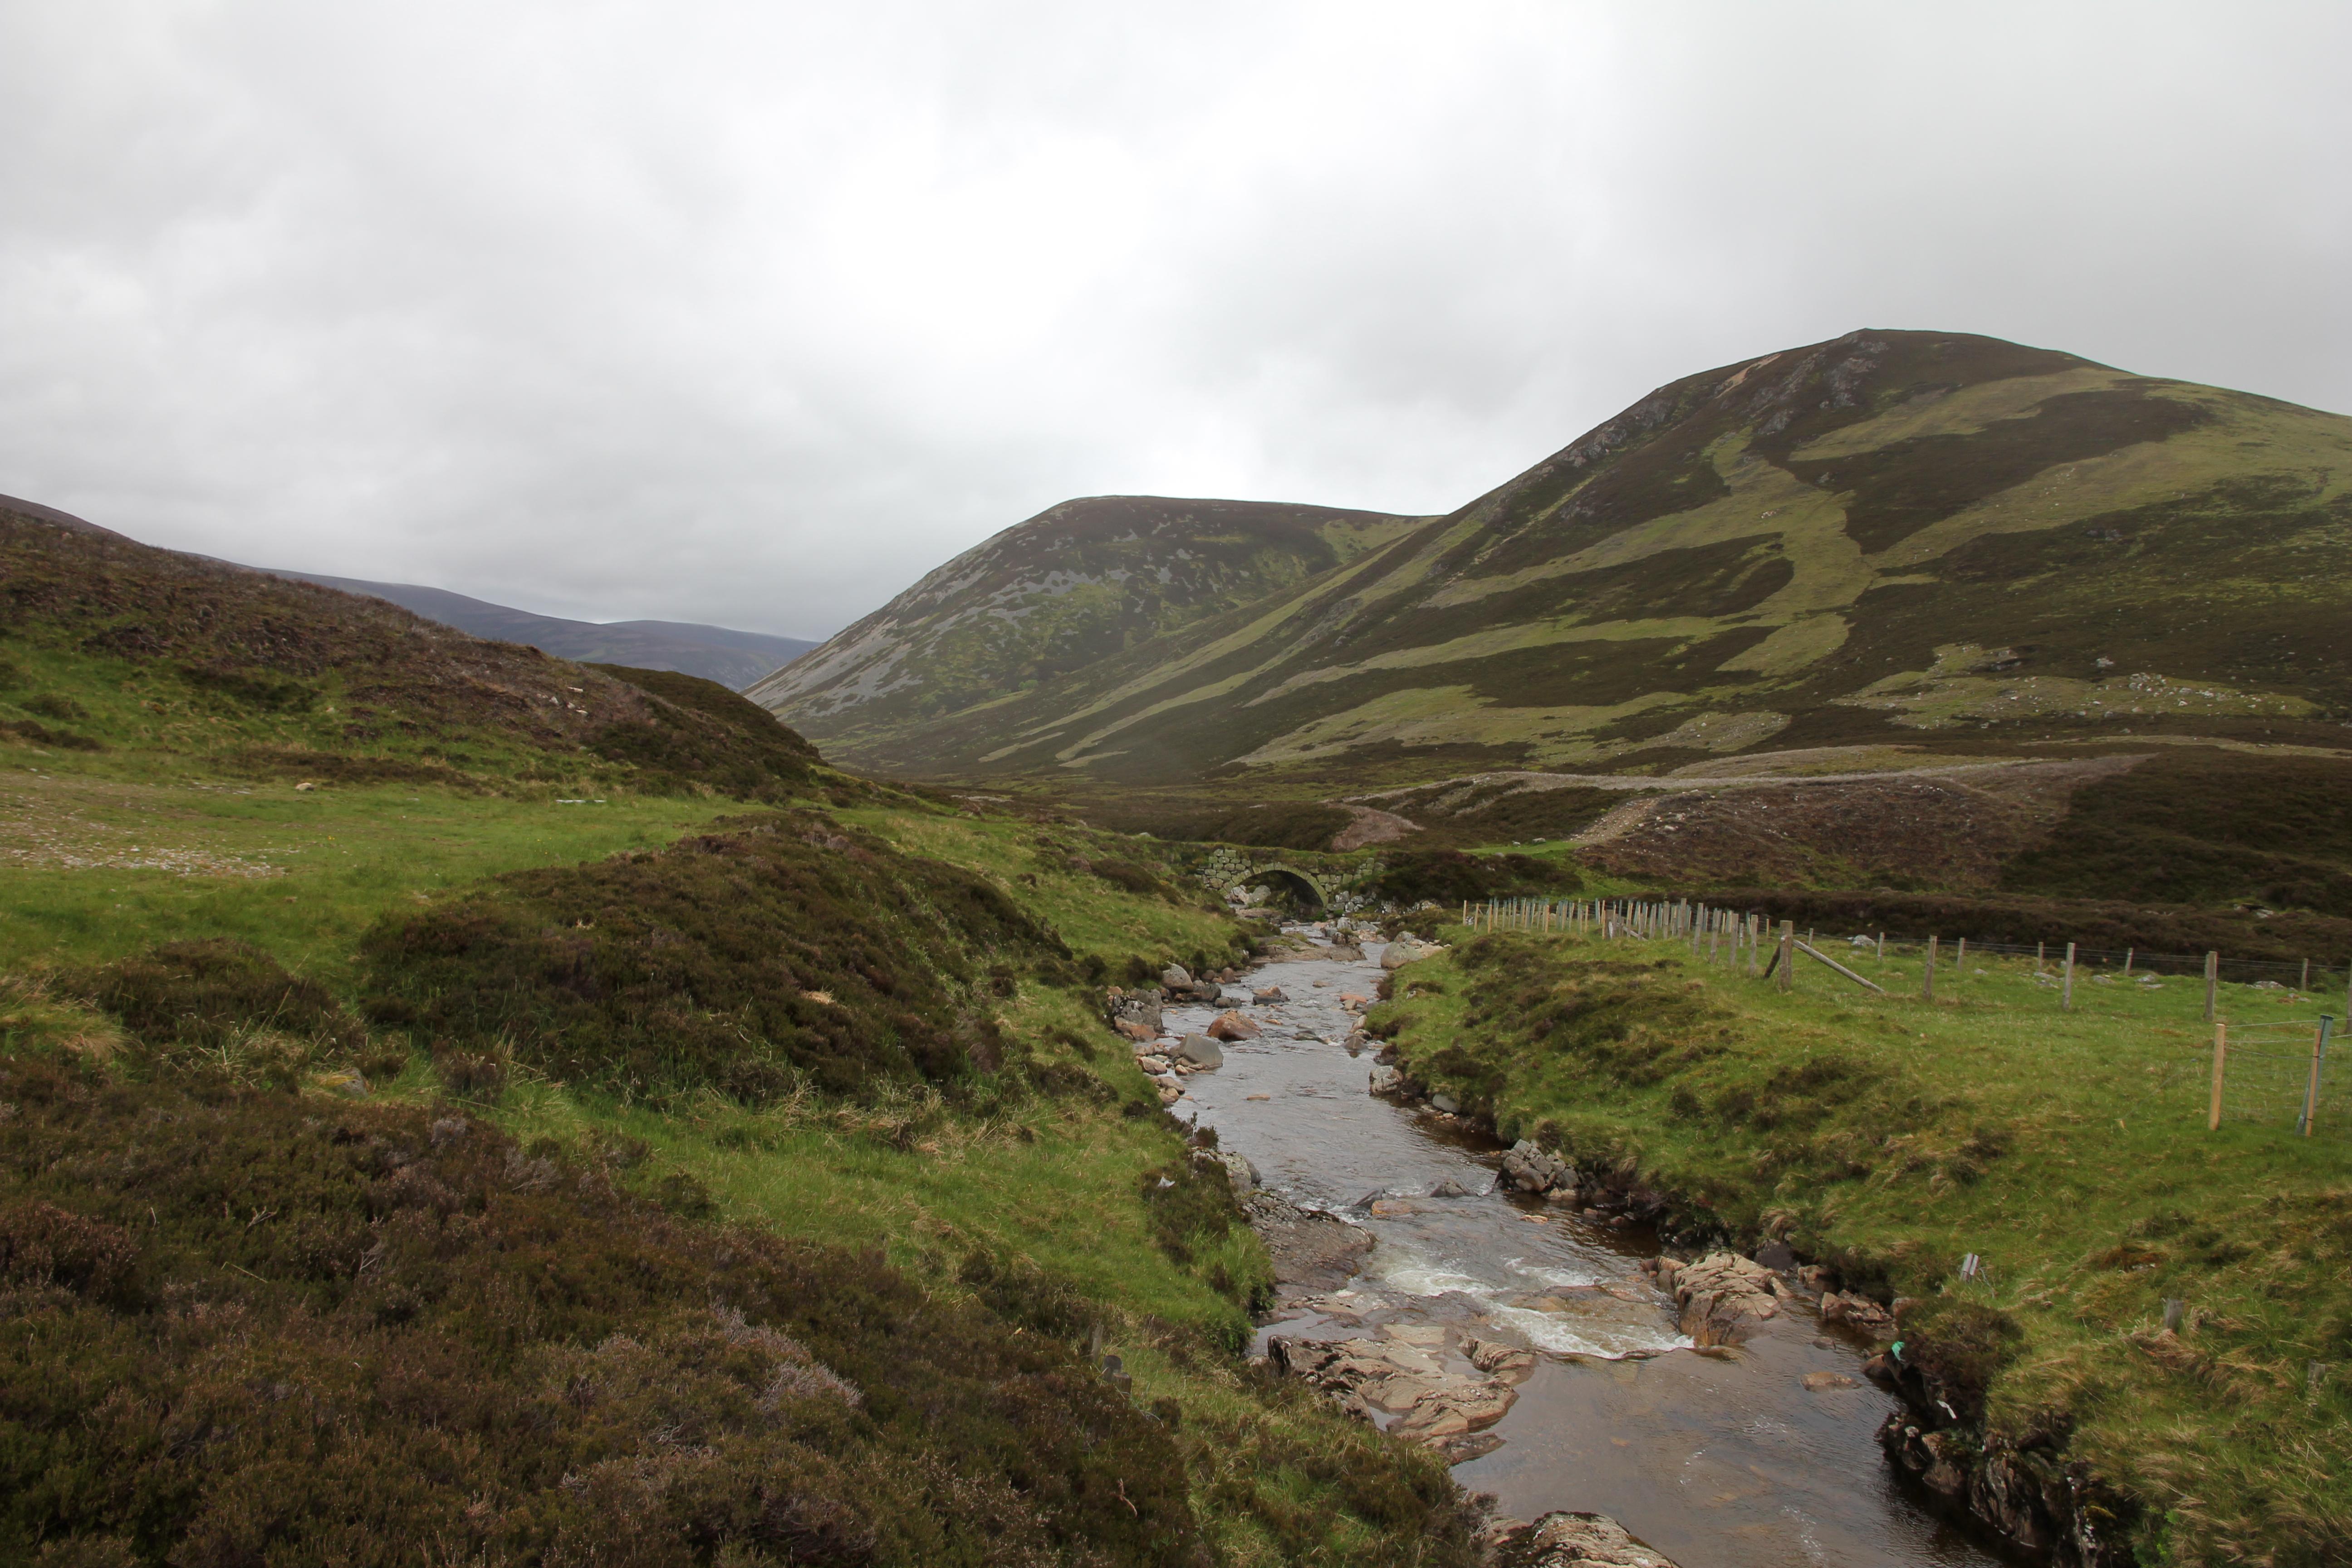 VW T5 T6 California Schottland Roadtrip 2015 Wildcamping Cairngorms Highlands